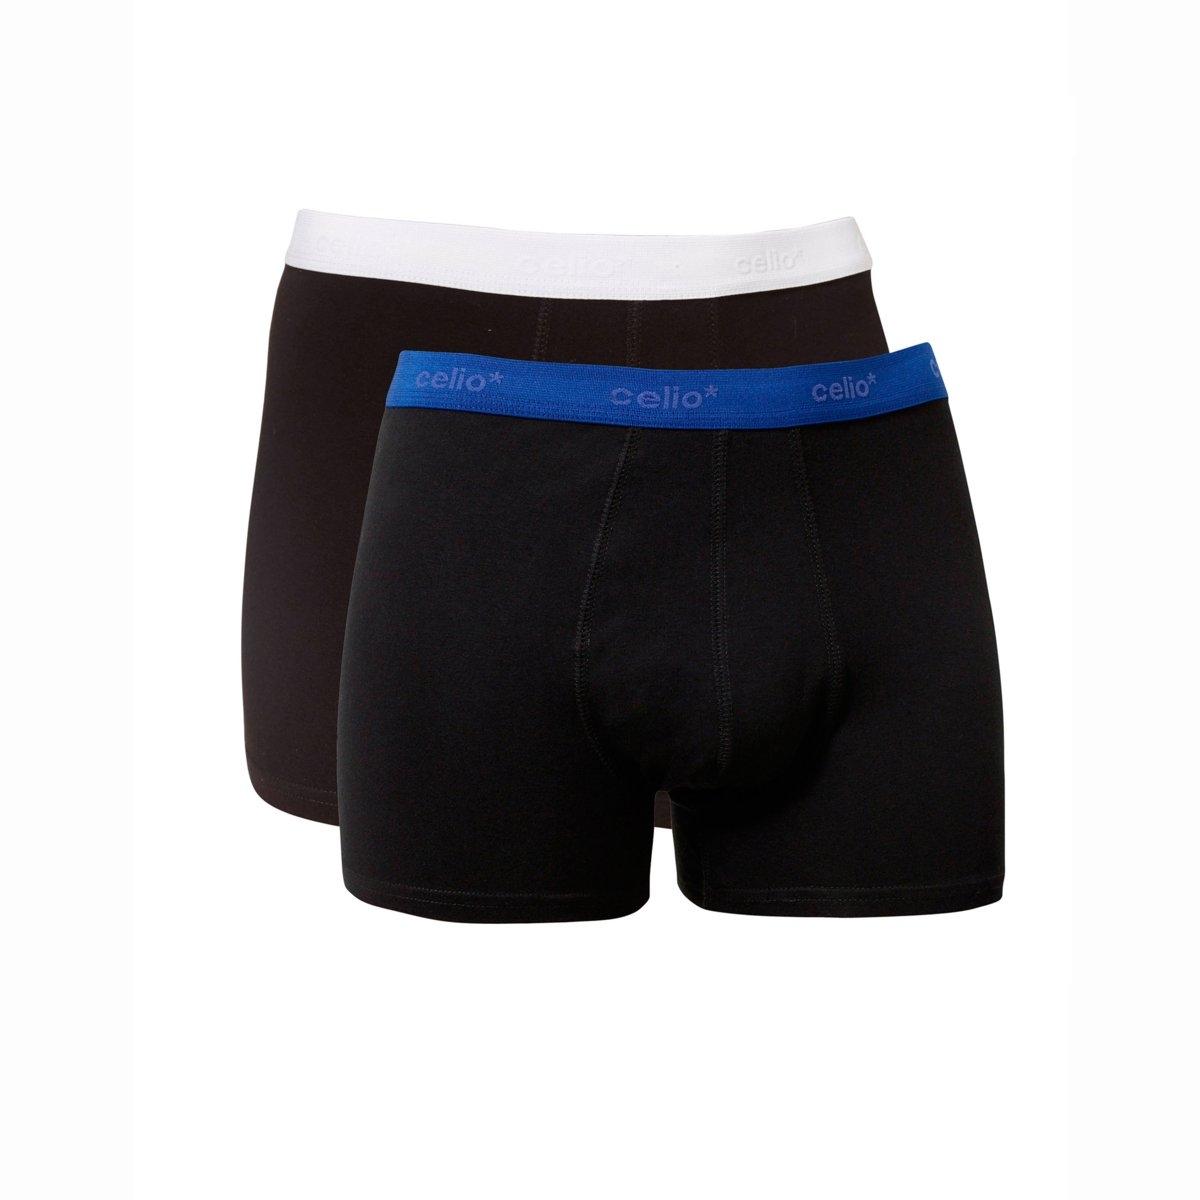 Трусы-боксеры NICELIO2, мужскиеТрусы-боксеры NICELIO2 от CELIO.95% хлопка, 5% эластана. Контрастный эластичный пояс. Два цвета : антрацит и синий.    Машинная стирка при 30 °C. Комплект из 2 трусов-боксеров.<br><br>Цвет: синий,черный + черный<br>Размер: XXL